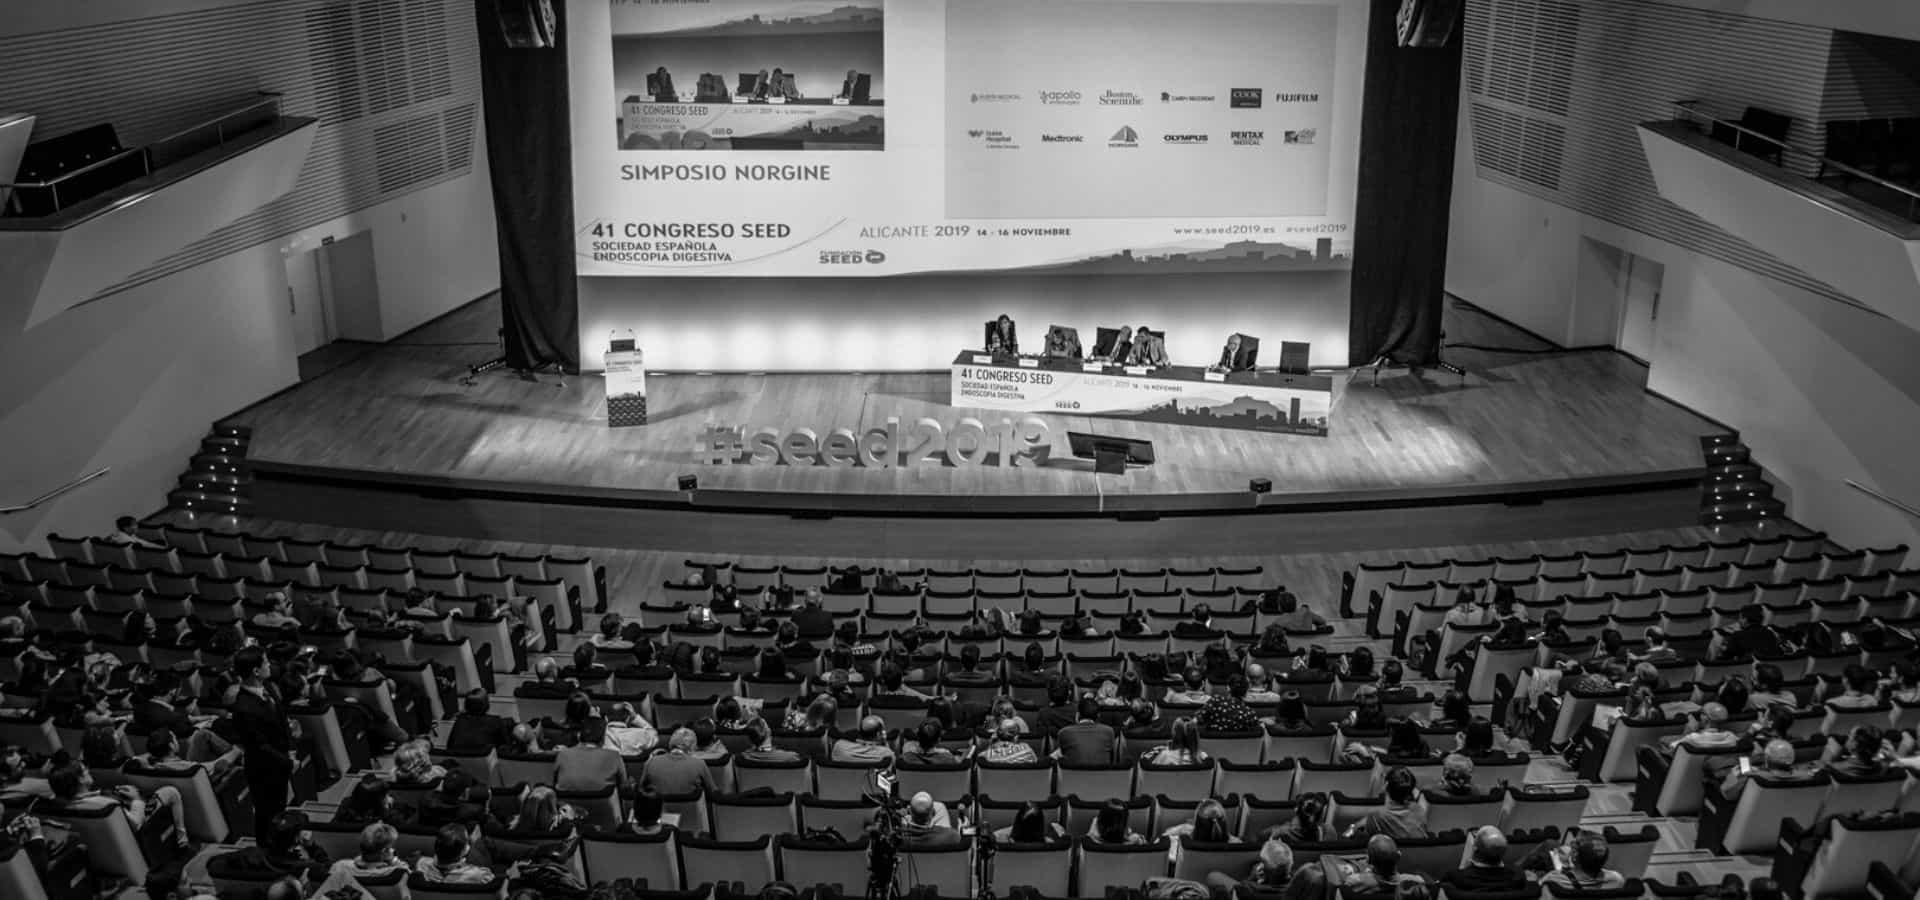 congresos y eventos (2)